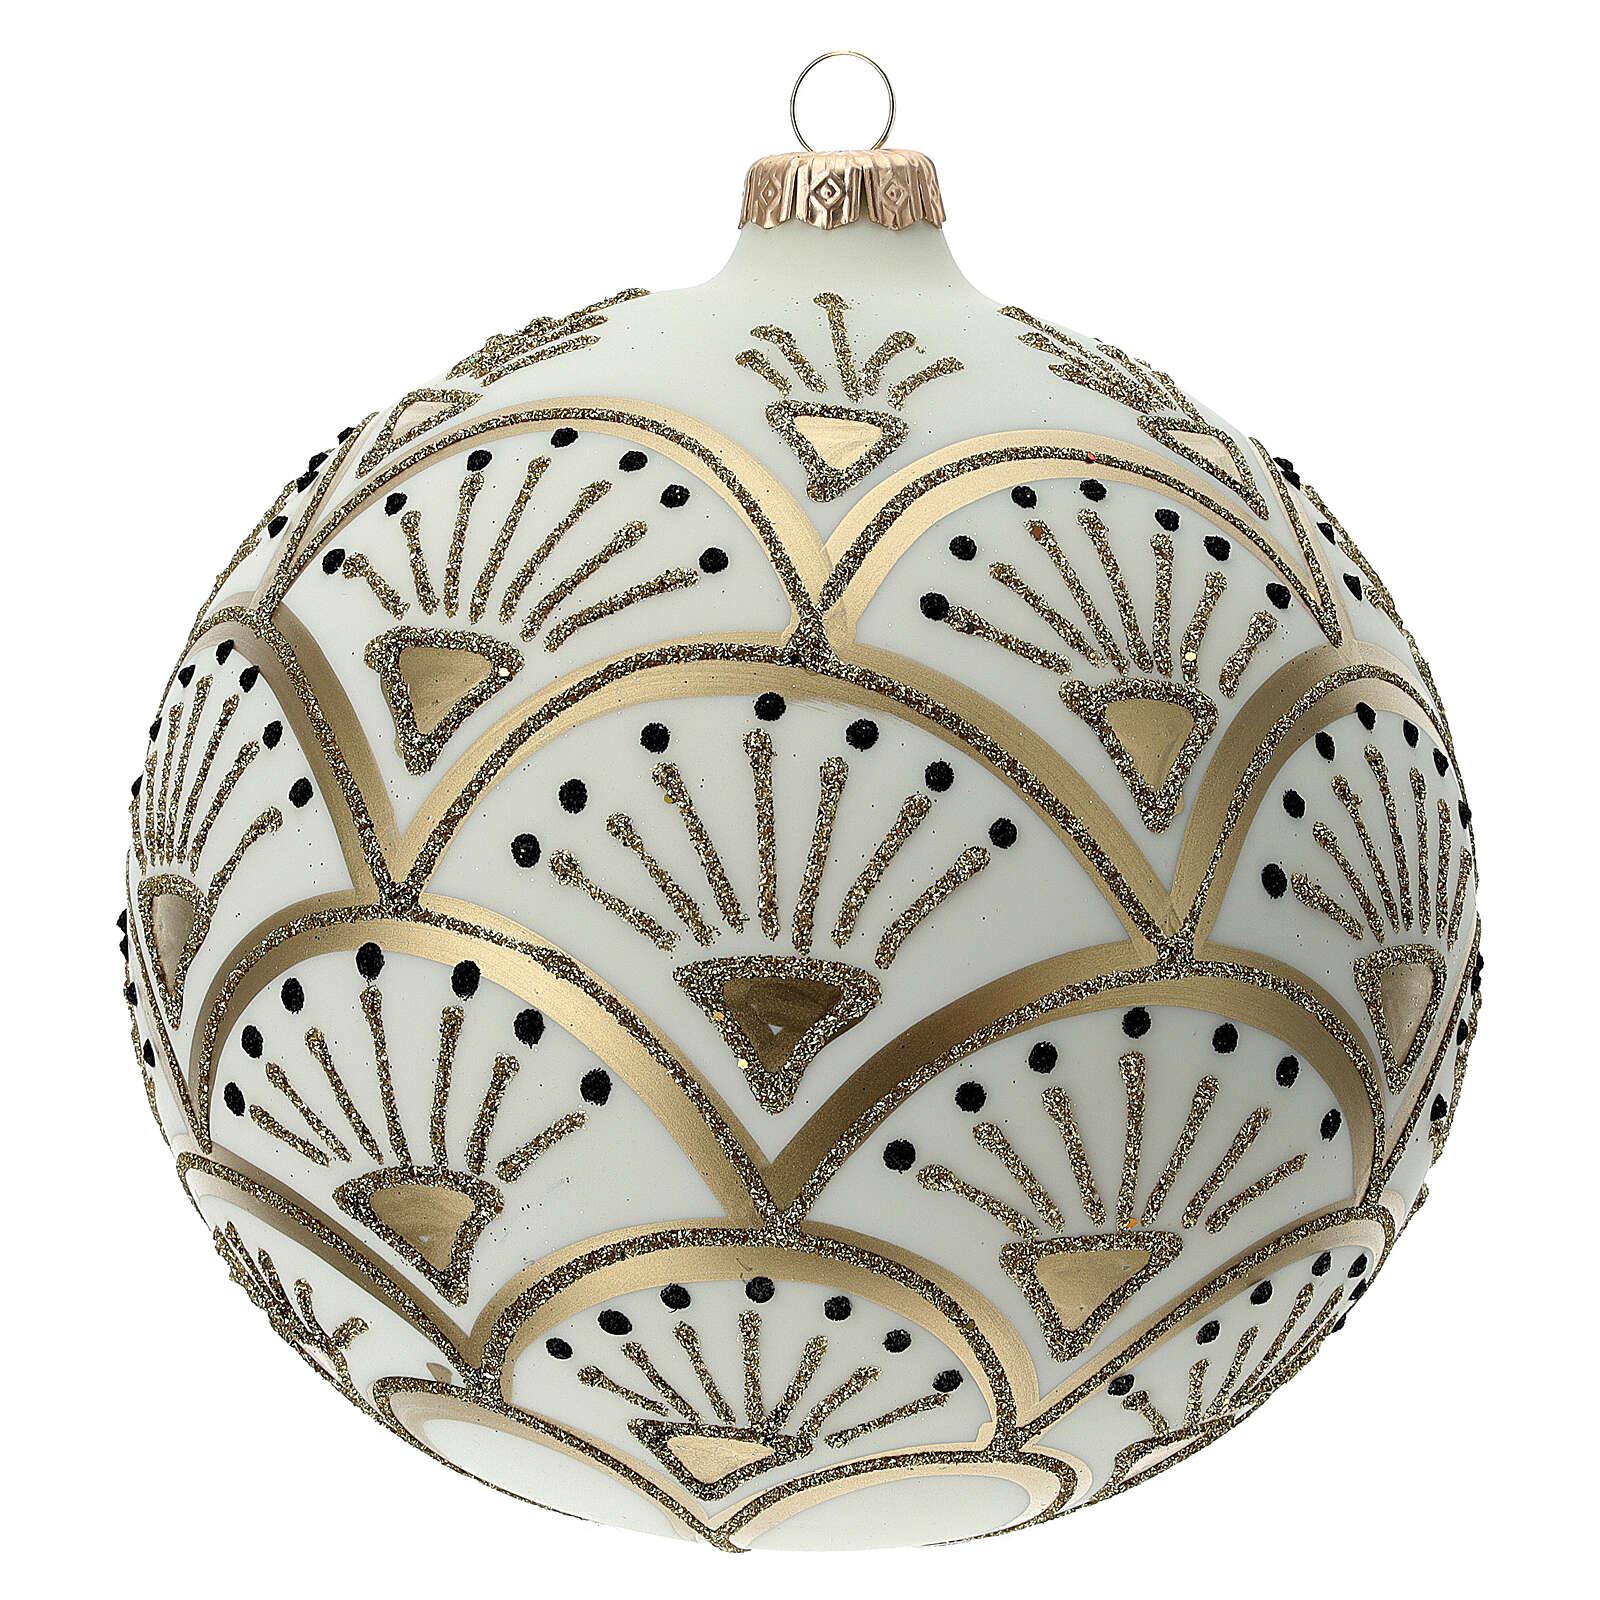 Glass Christmas ornaments matte white gold black glitter decor 150 mm 4